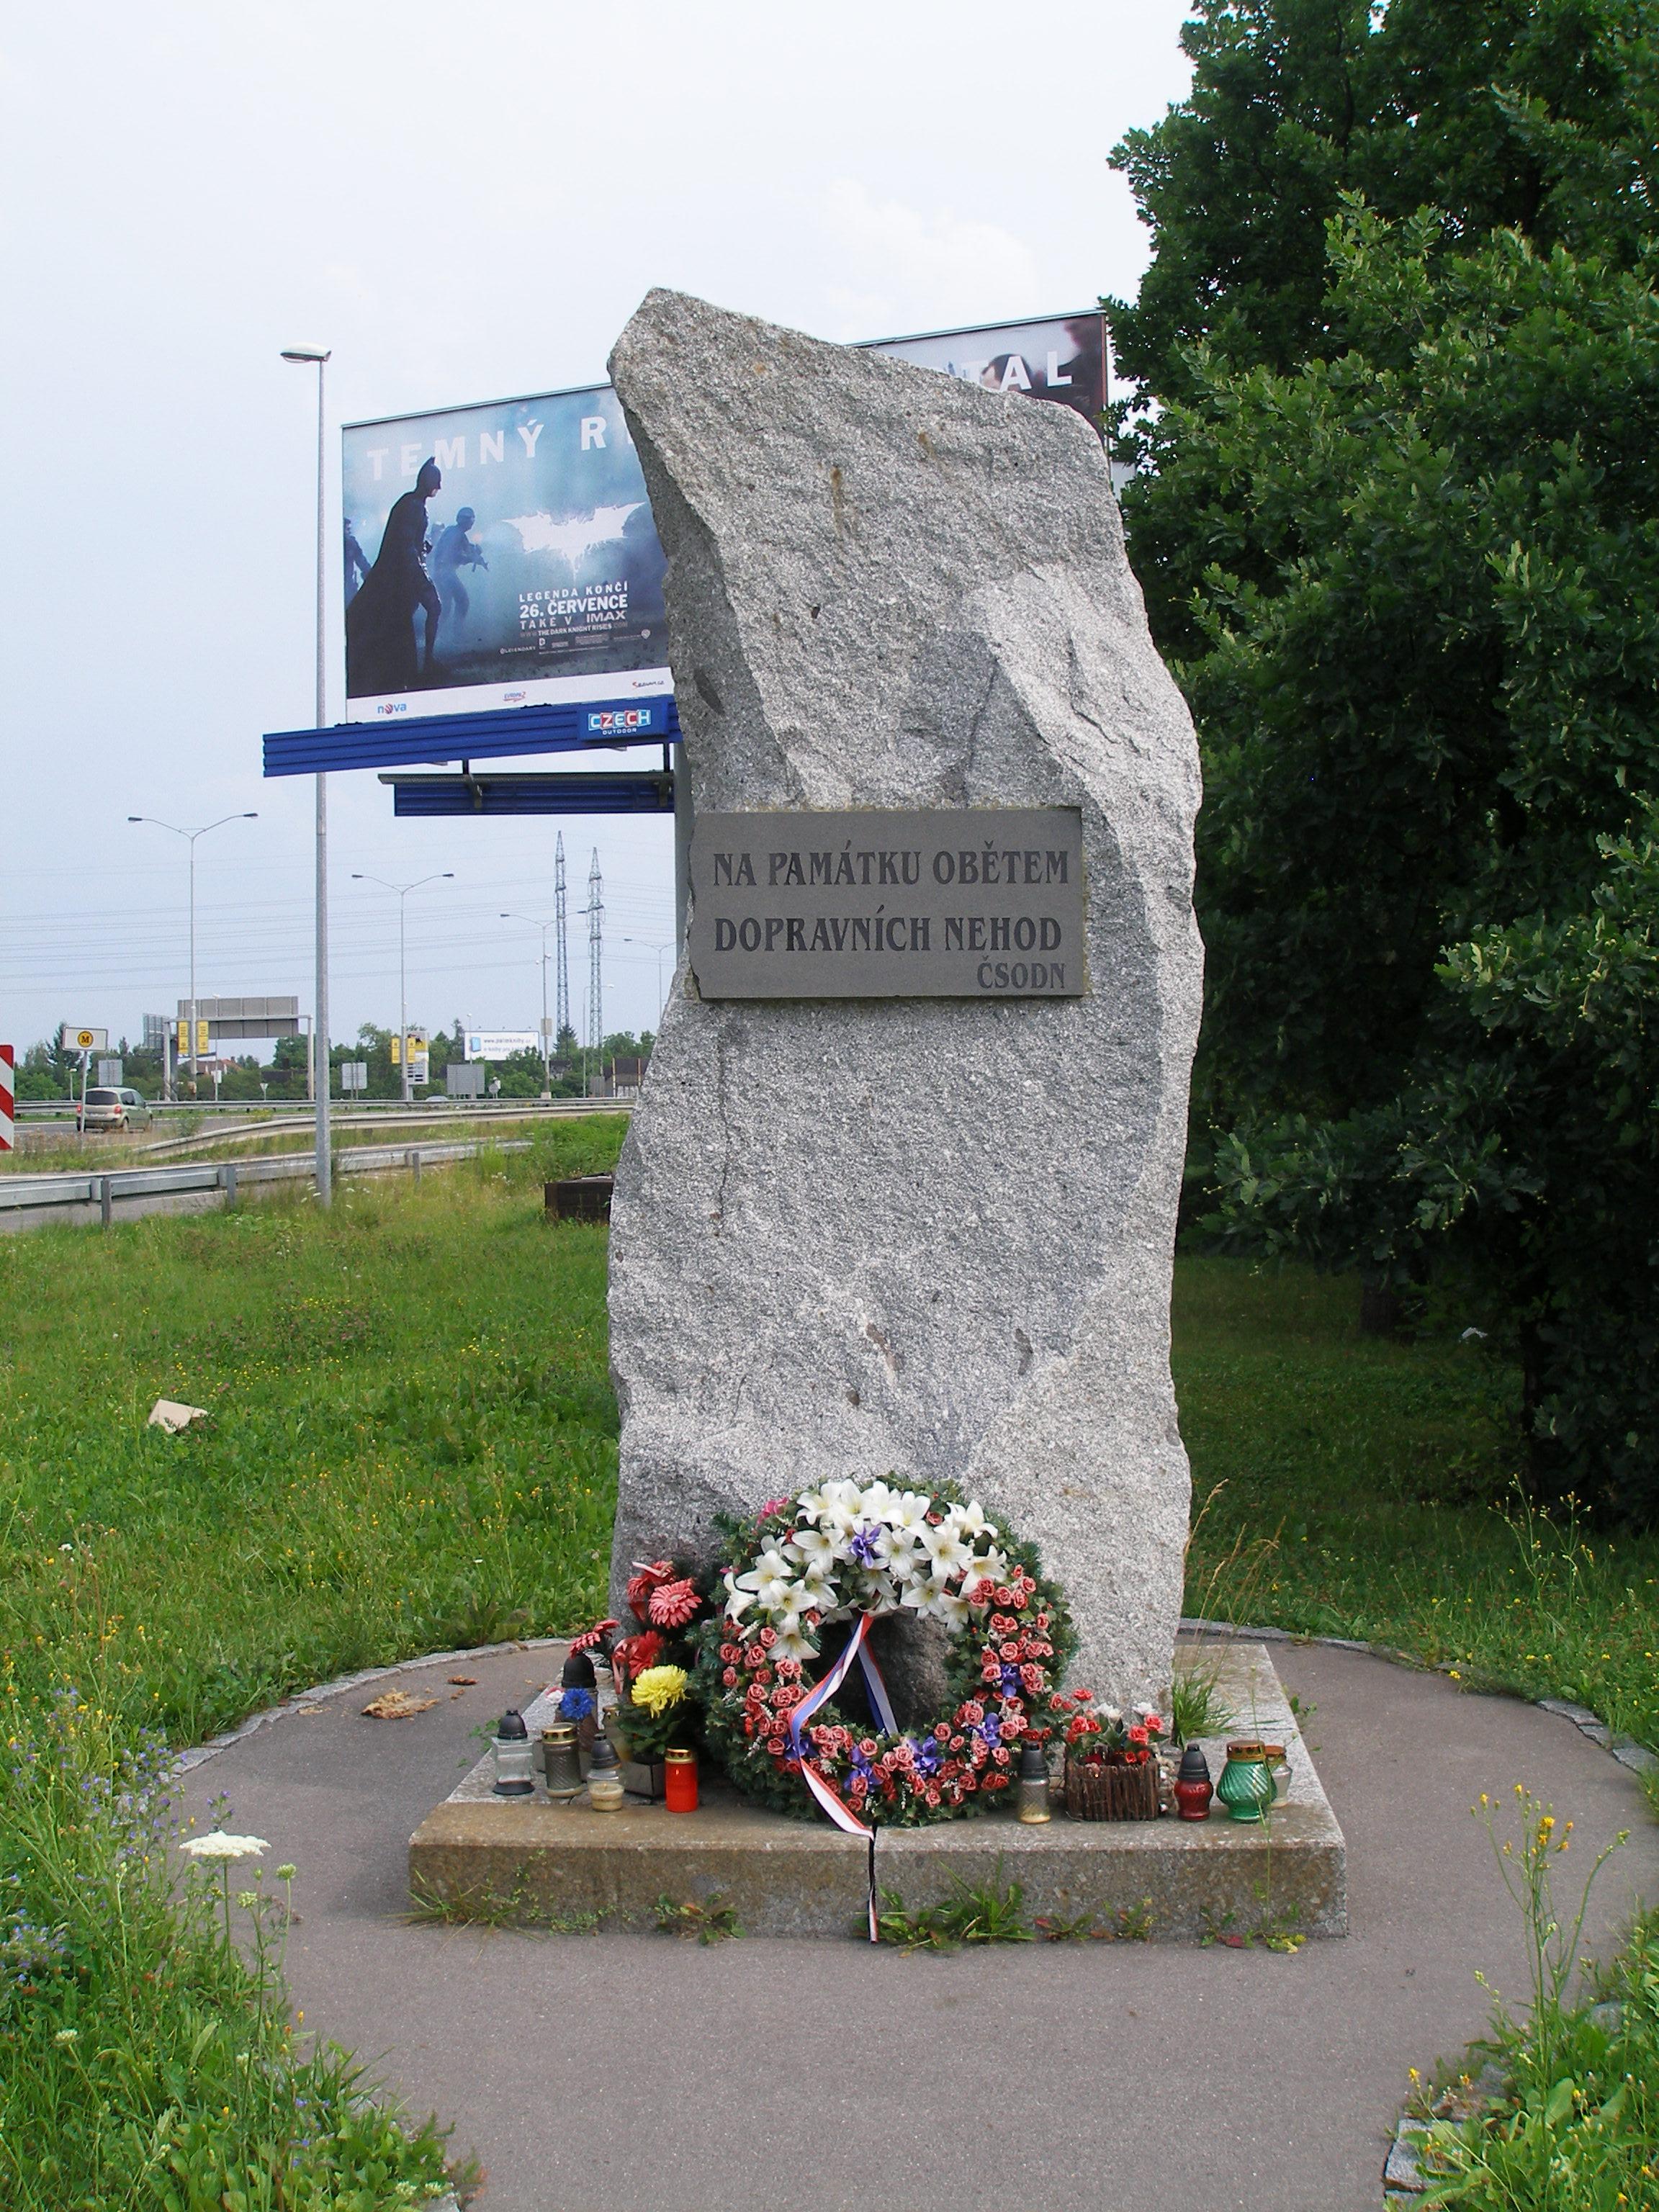 Památník obětem dopravních nehod (Praha)